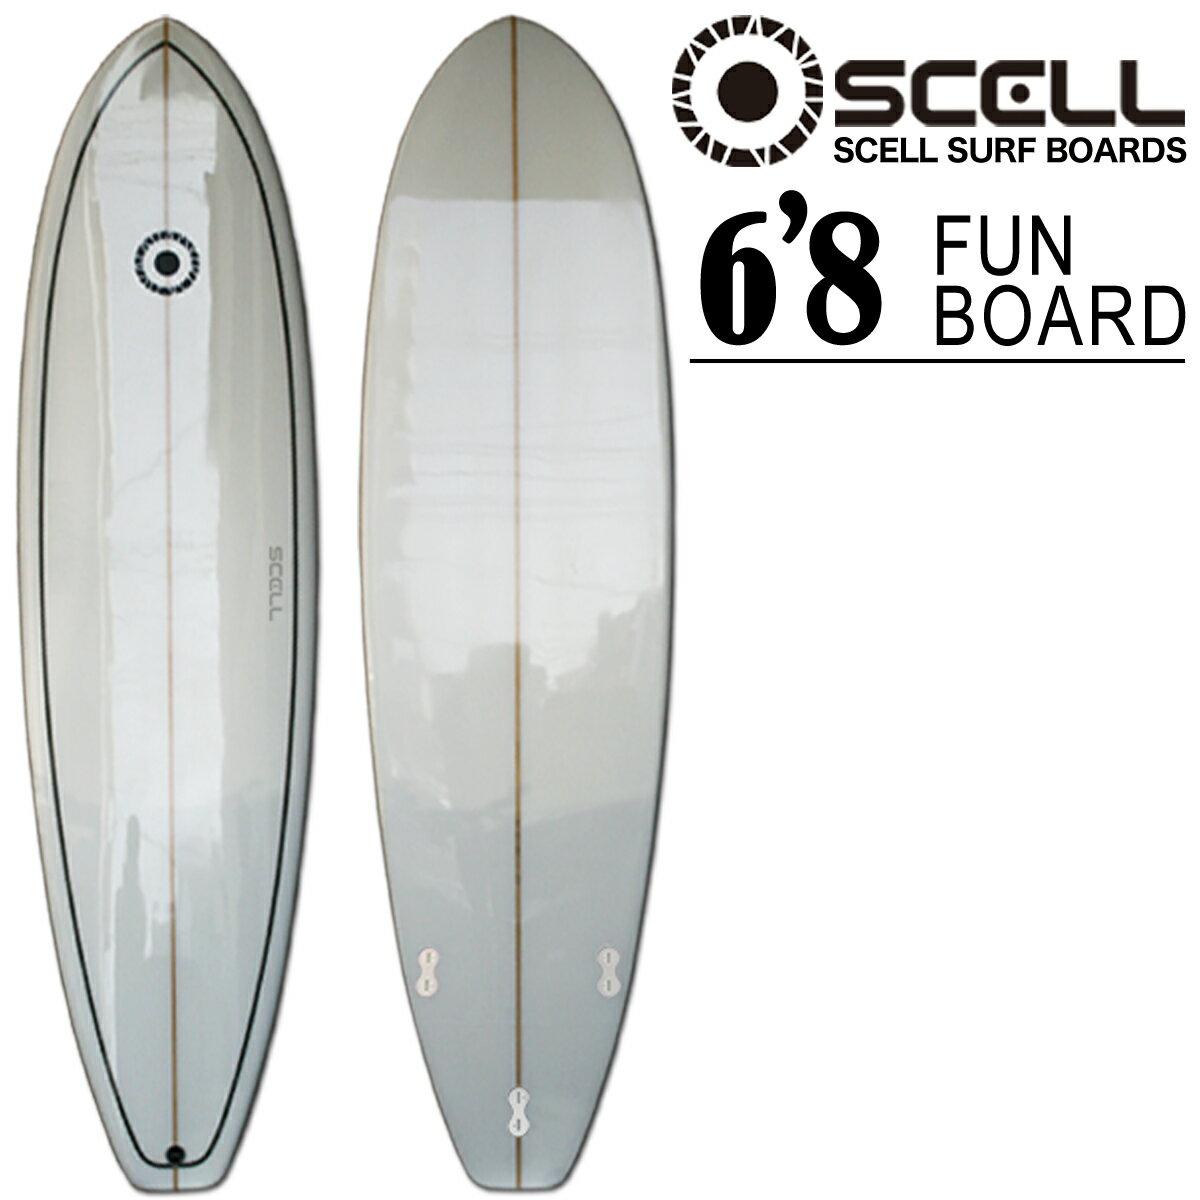 激得 ファンボード 6'8 白 サーフボード SCELL サーフィン 【希望小売価格の63%OFF】